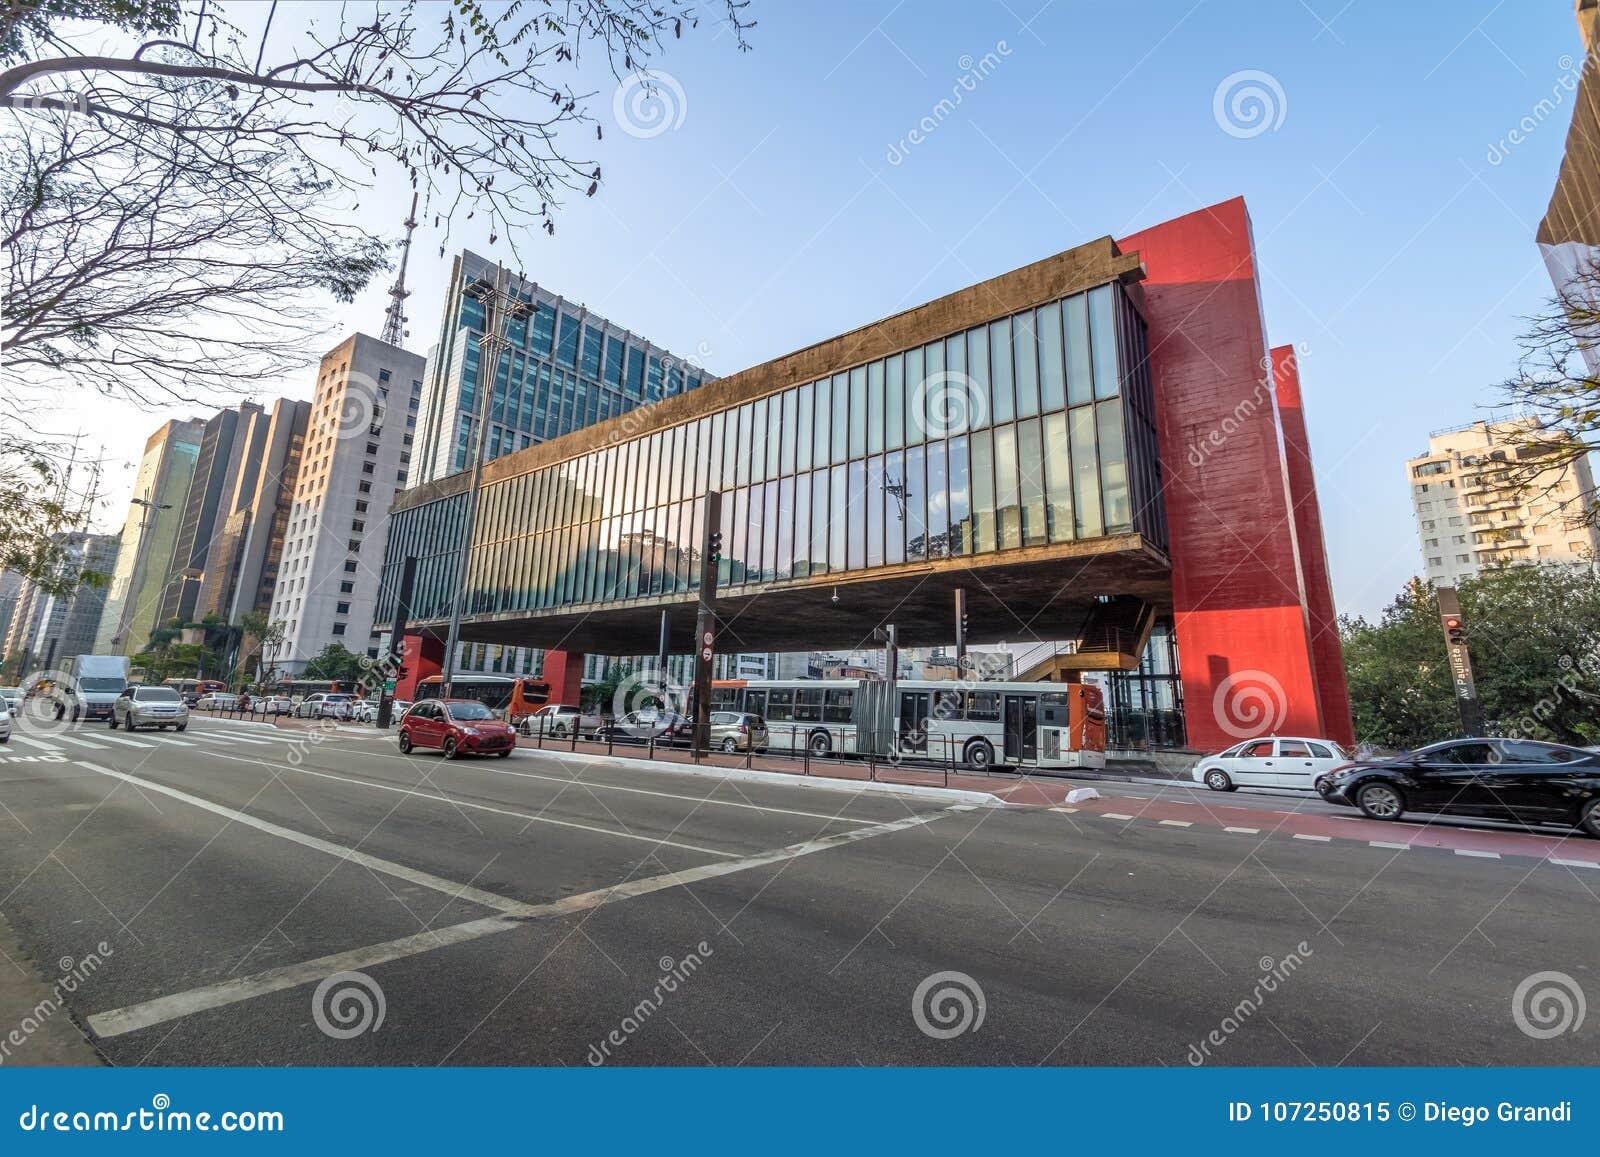 Бульвар Paulista и музей изобразительных искусств MASP Сан-Паулу - Сан-Паулу, Бразилия